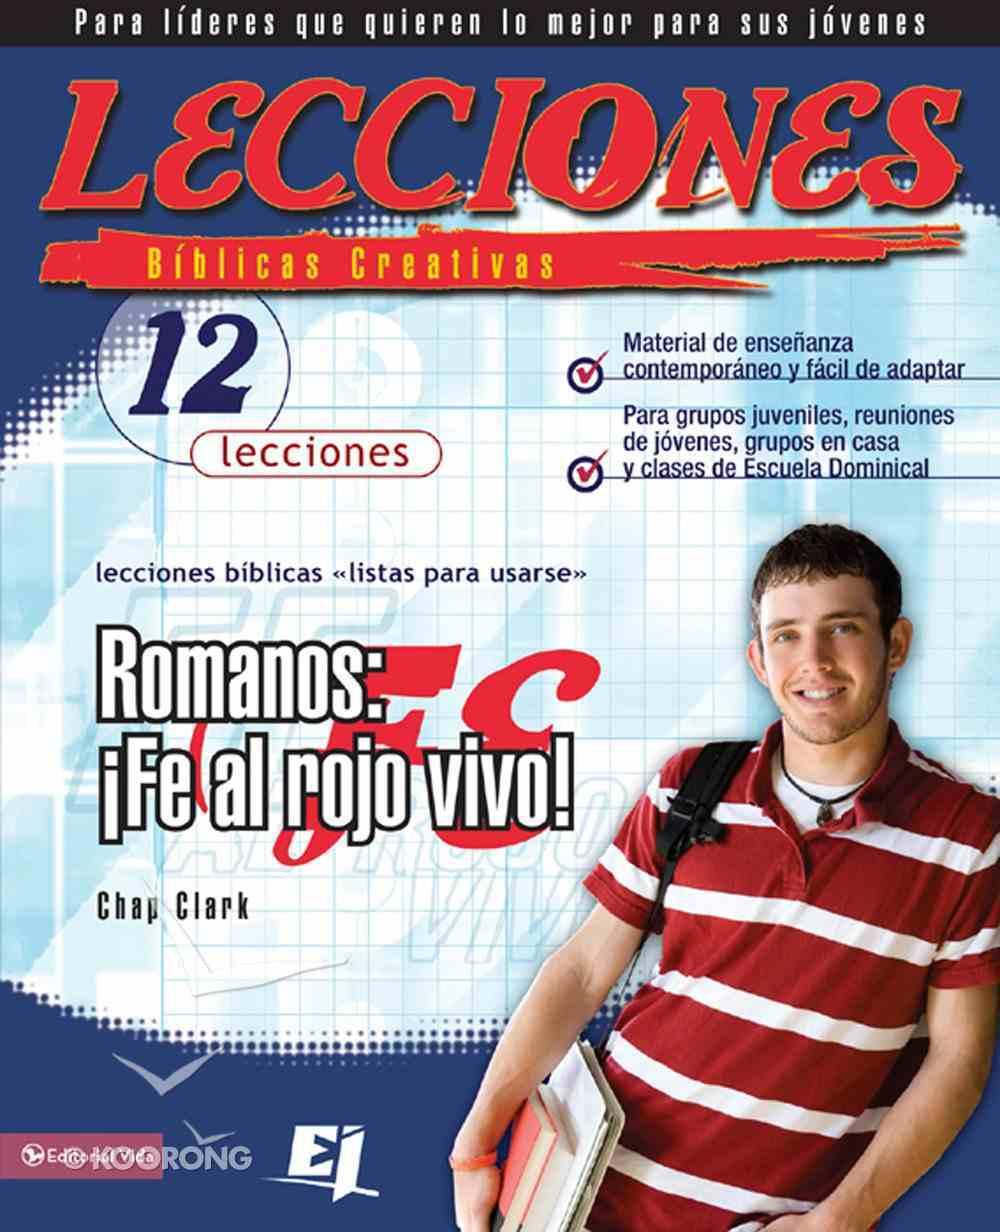 Lecciones Biblicas Creativas Sobre Romanos (Spanish) (Spa) (Creative Bible Lessons In Romans) eBook